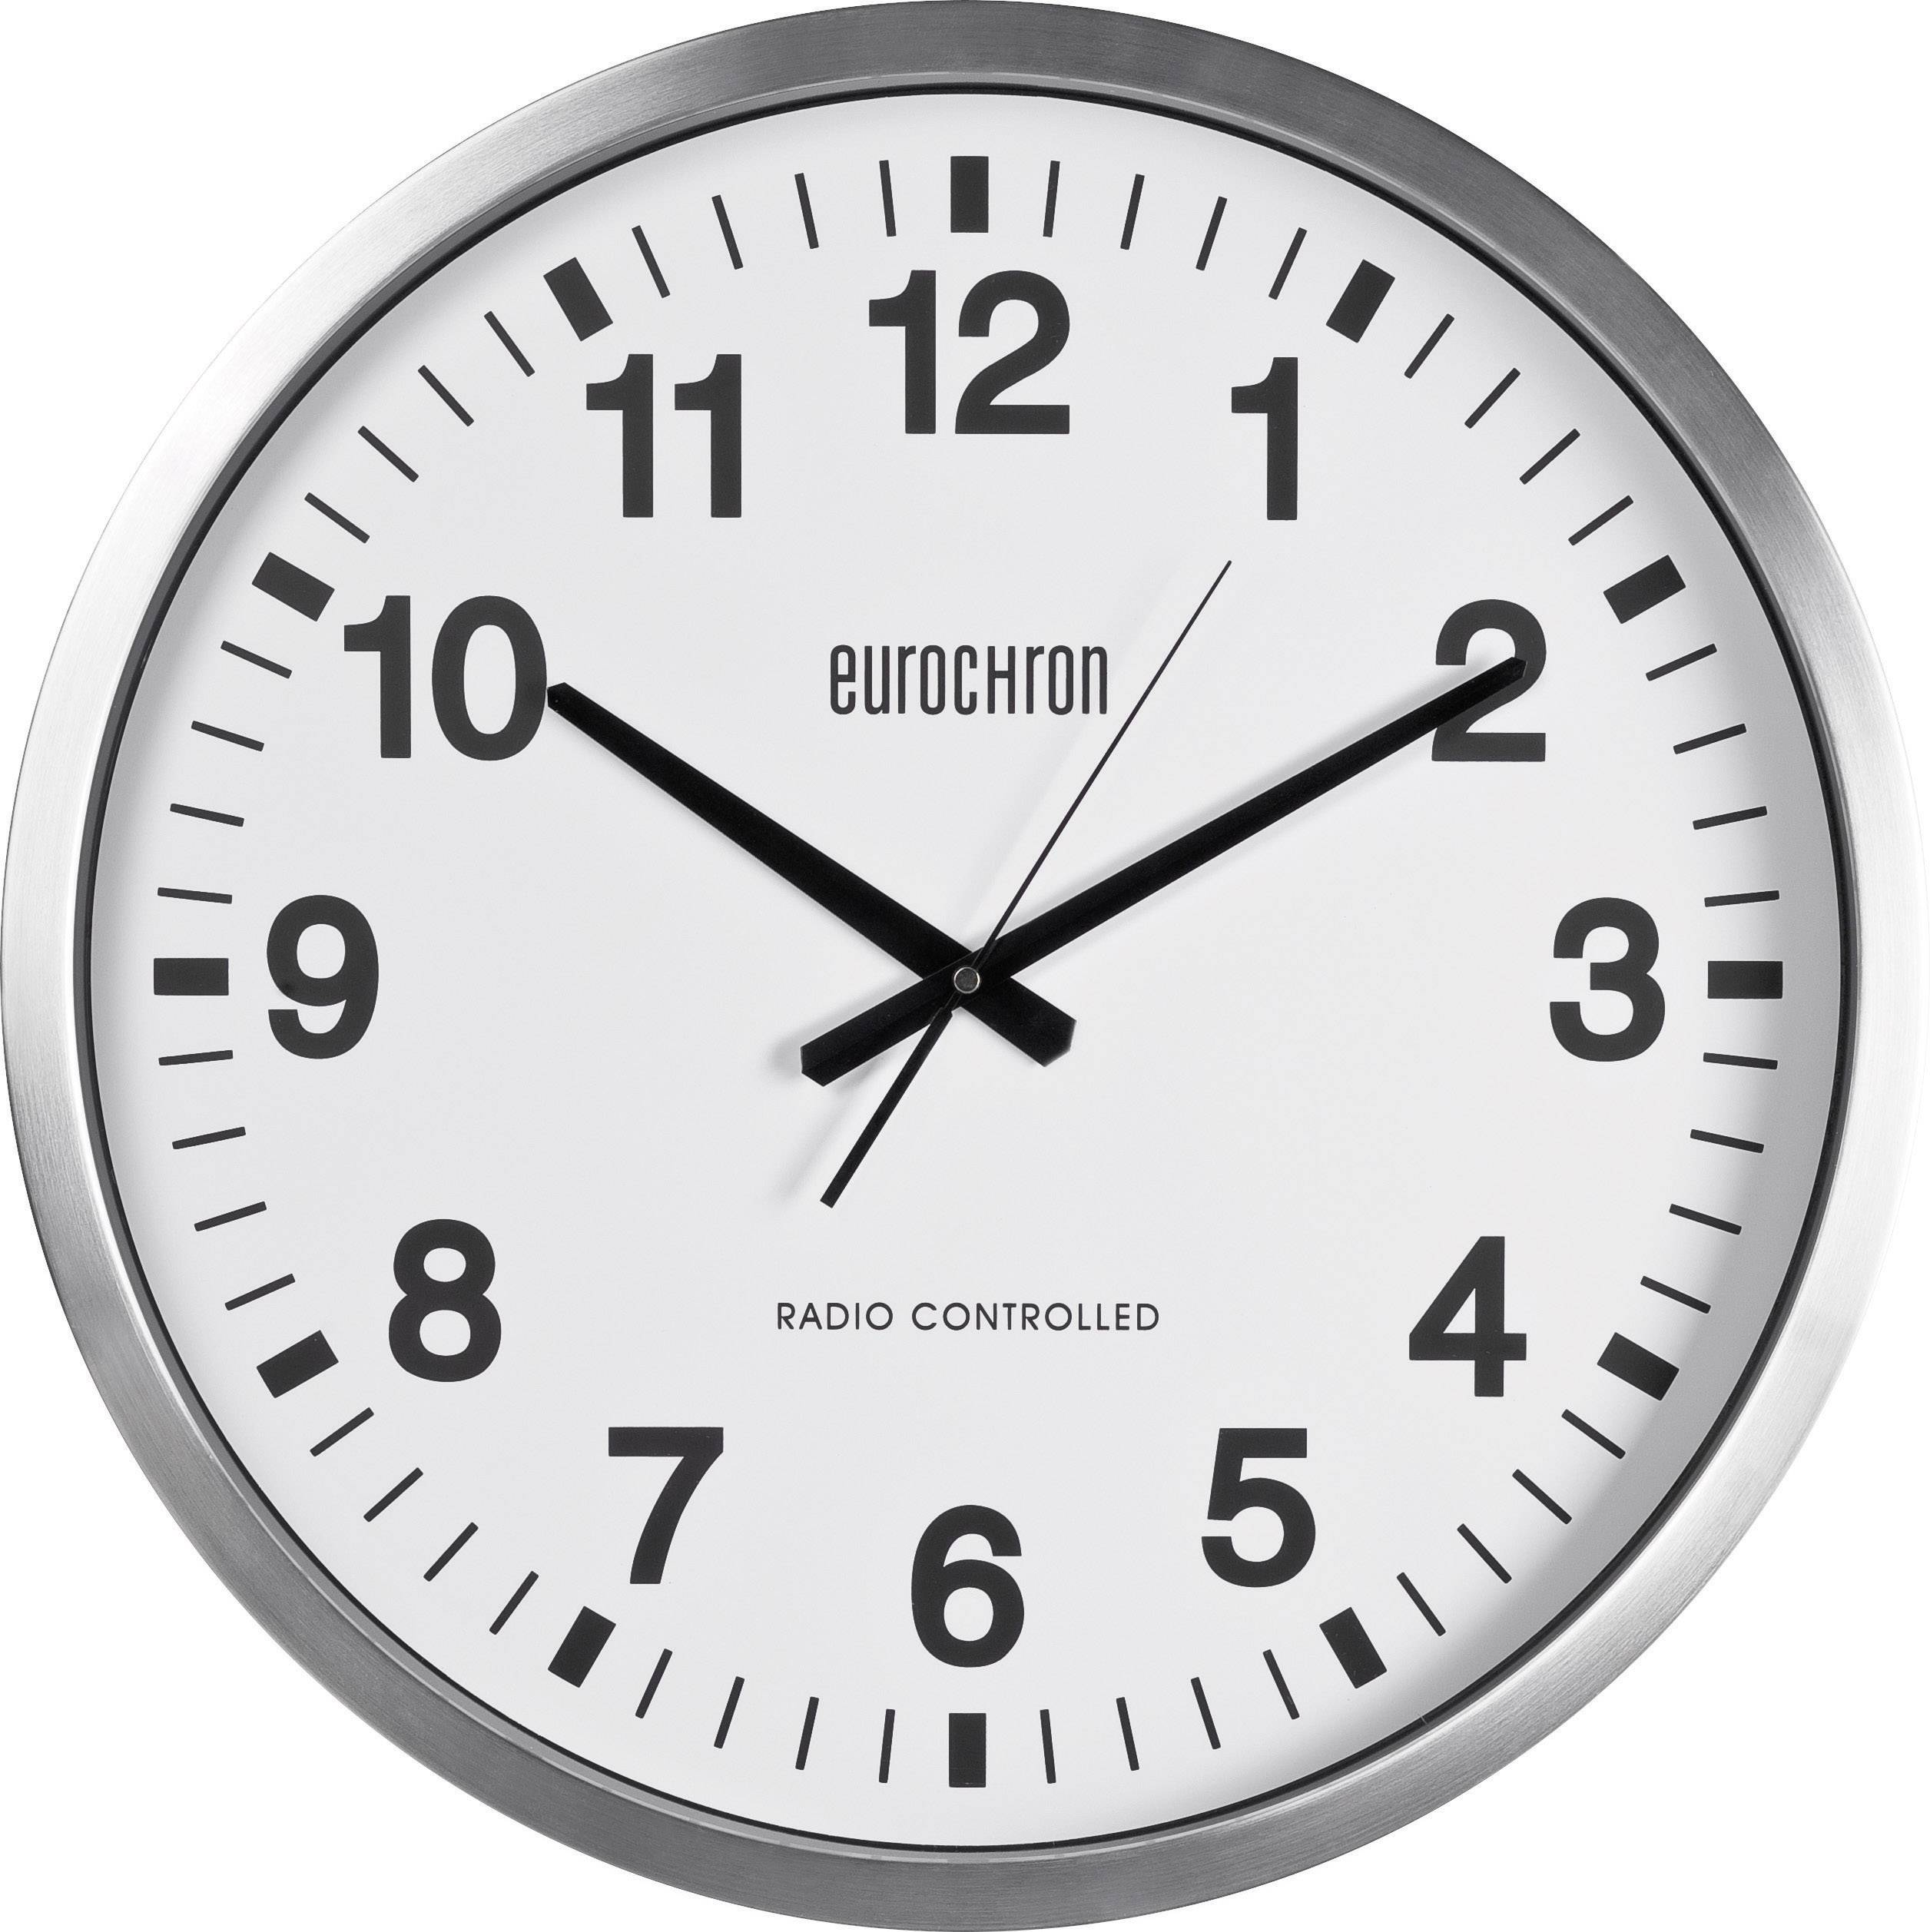 Analógové nástenné DCF hodiny Eurochron EFWU 9000, Ø 50 cm, strieborné